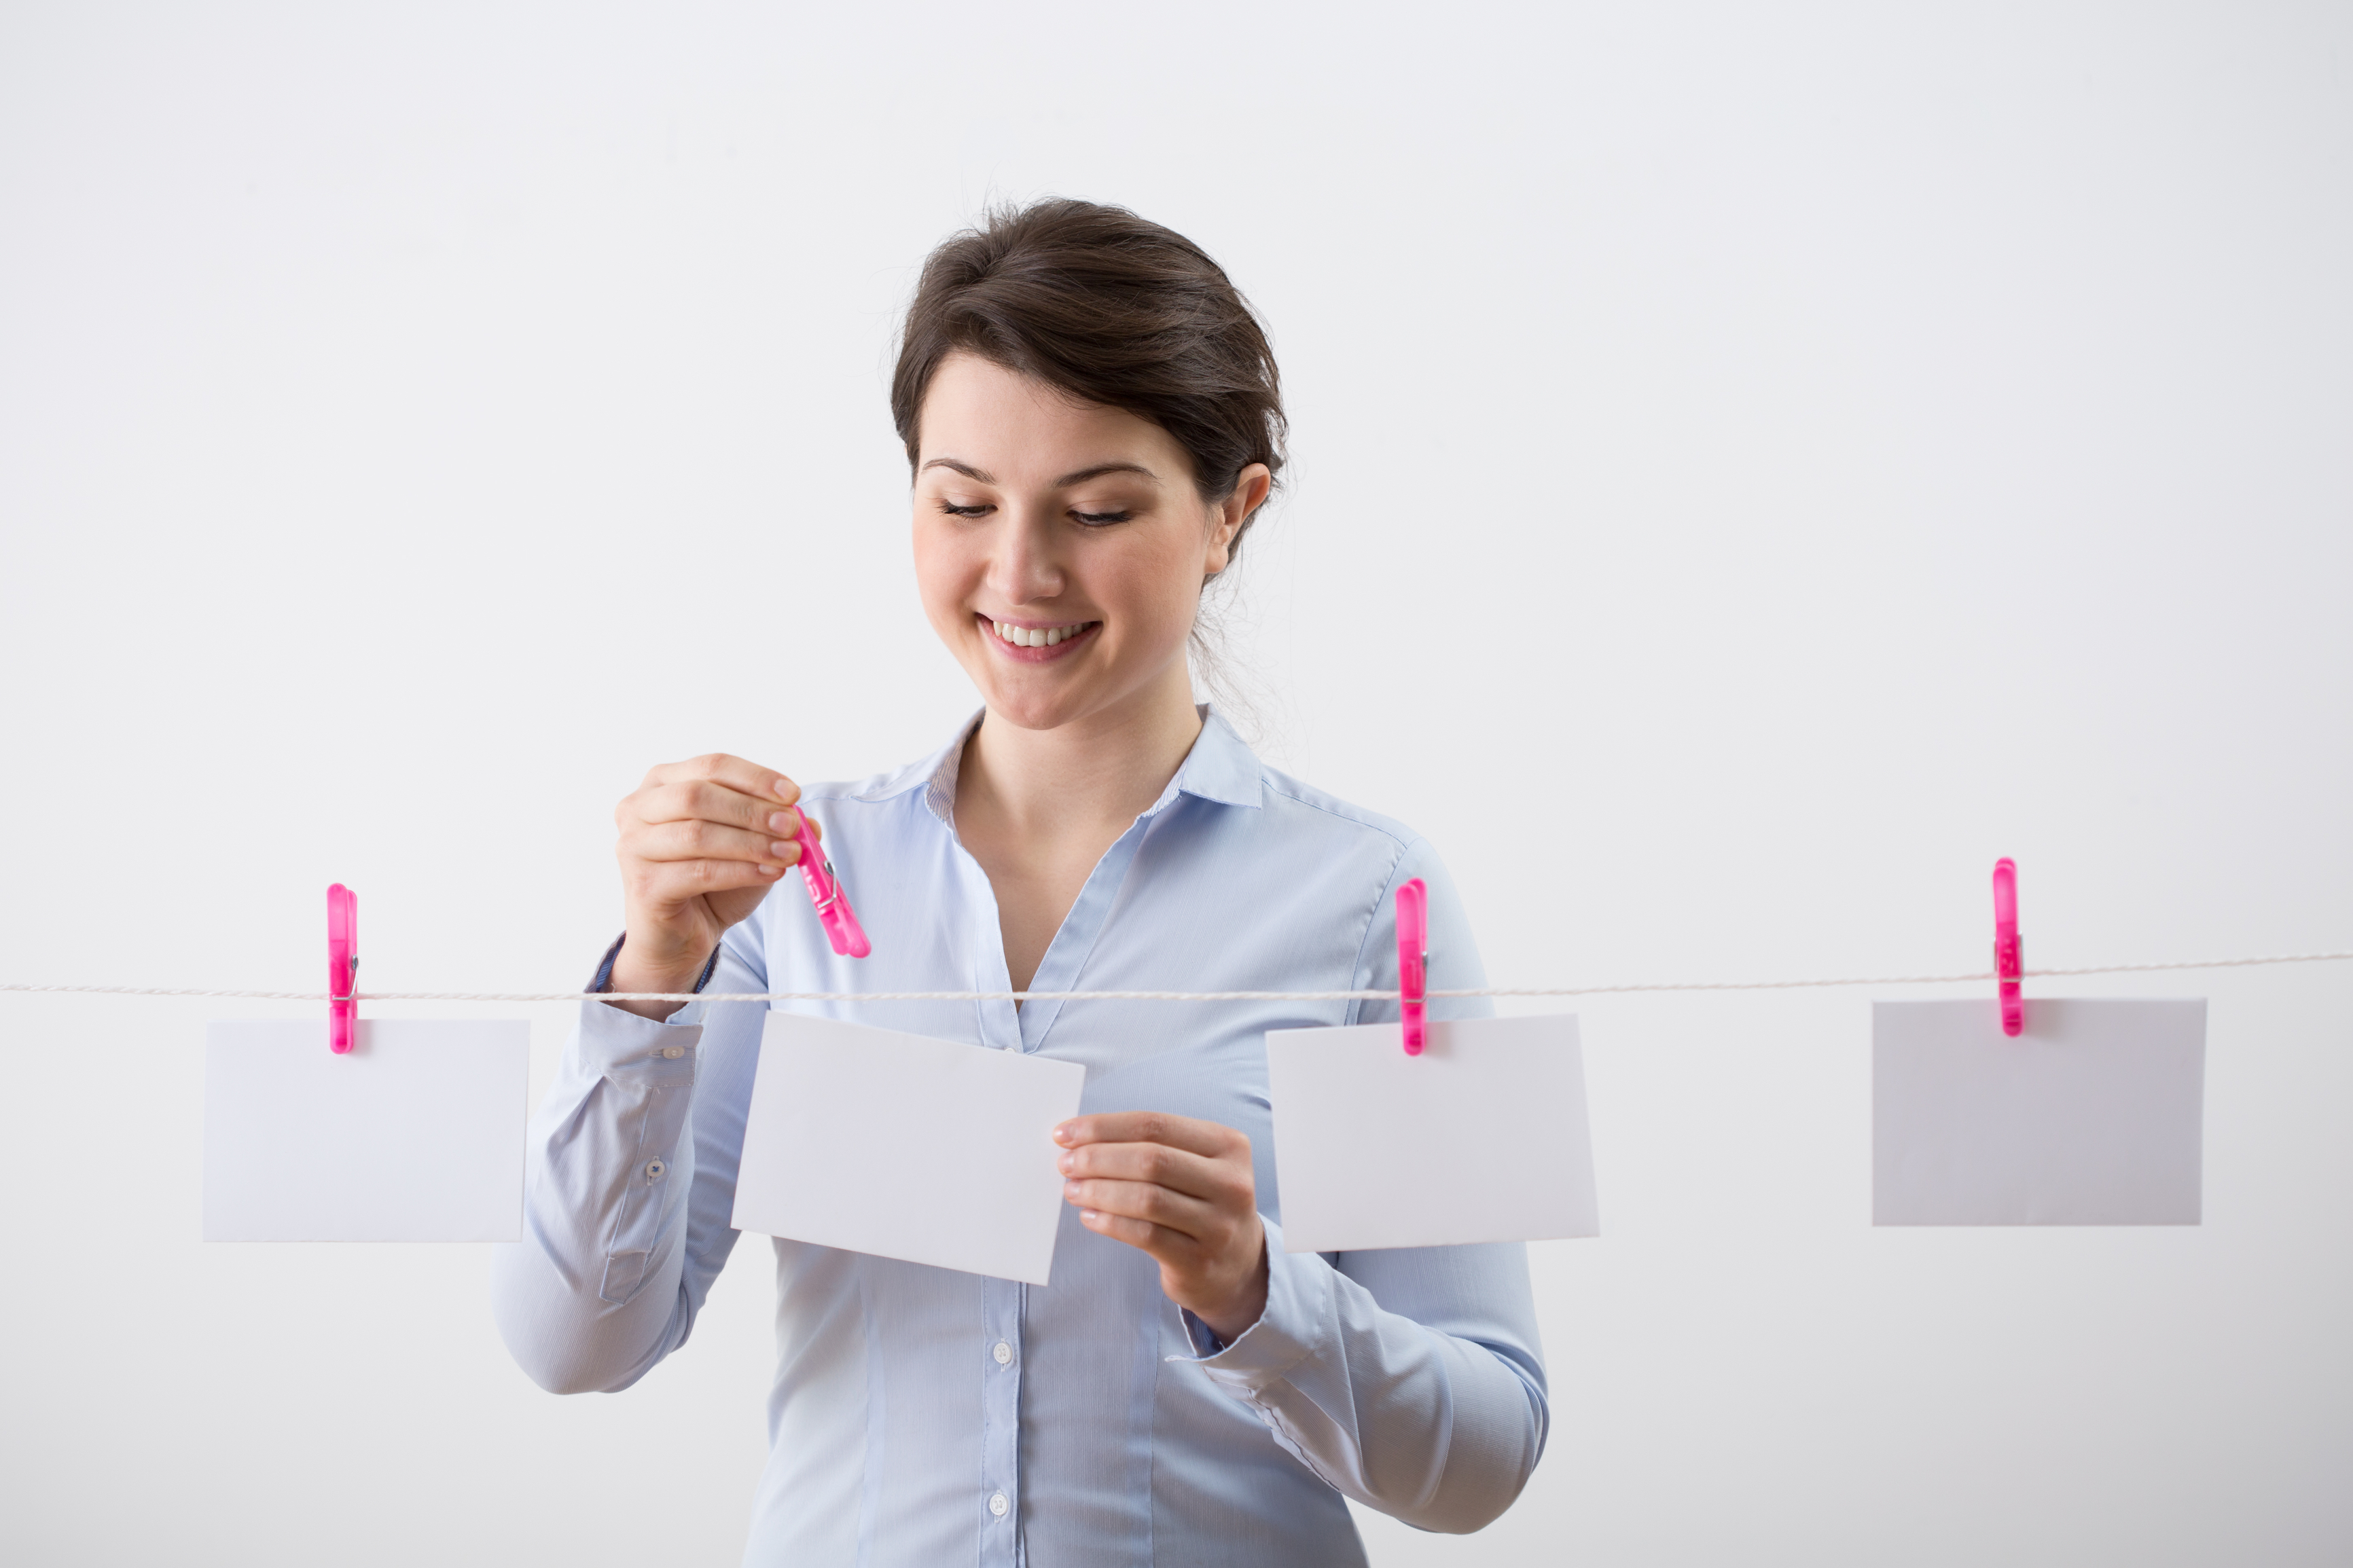 Sensitive mennesker: Her er 4 genveje til det gode arbejdsliv